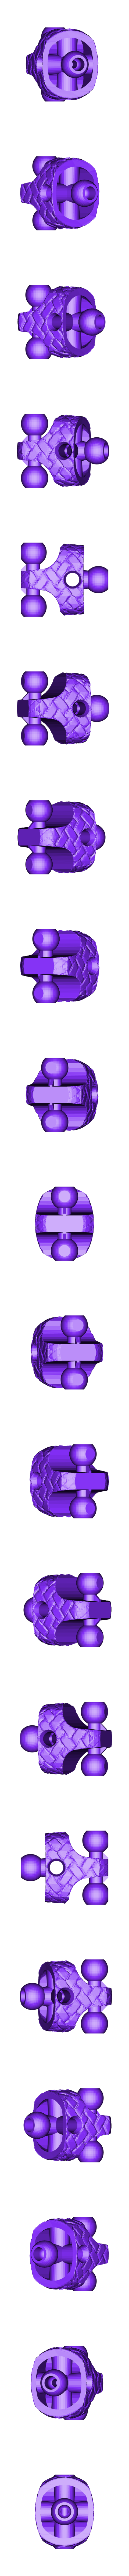 object13.stl Télécharger fichier STL gratuit Gorilla Jet Flight Ares • Design imprimable en 3D, Pwenyrr